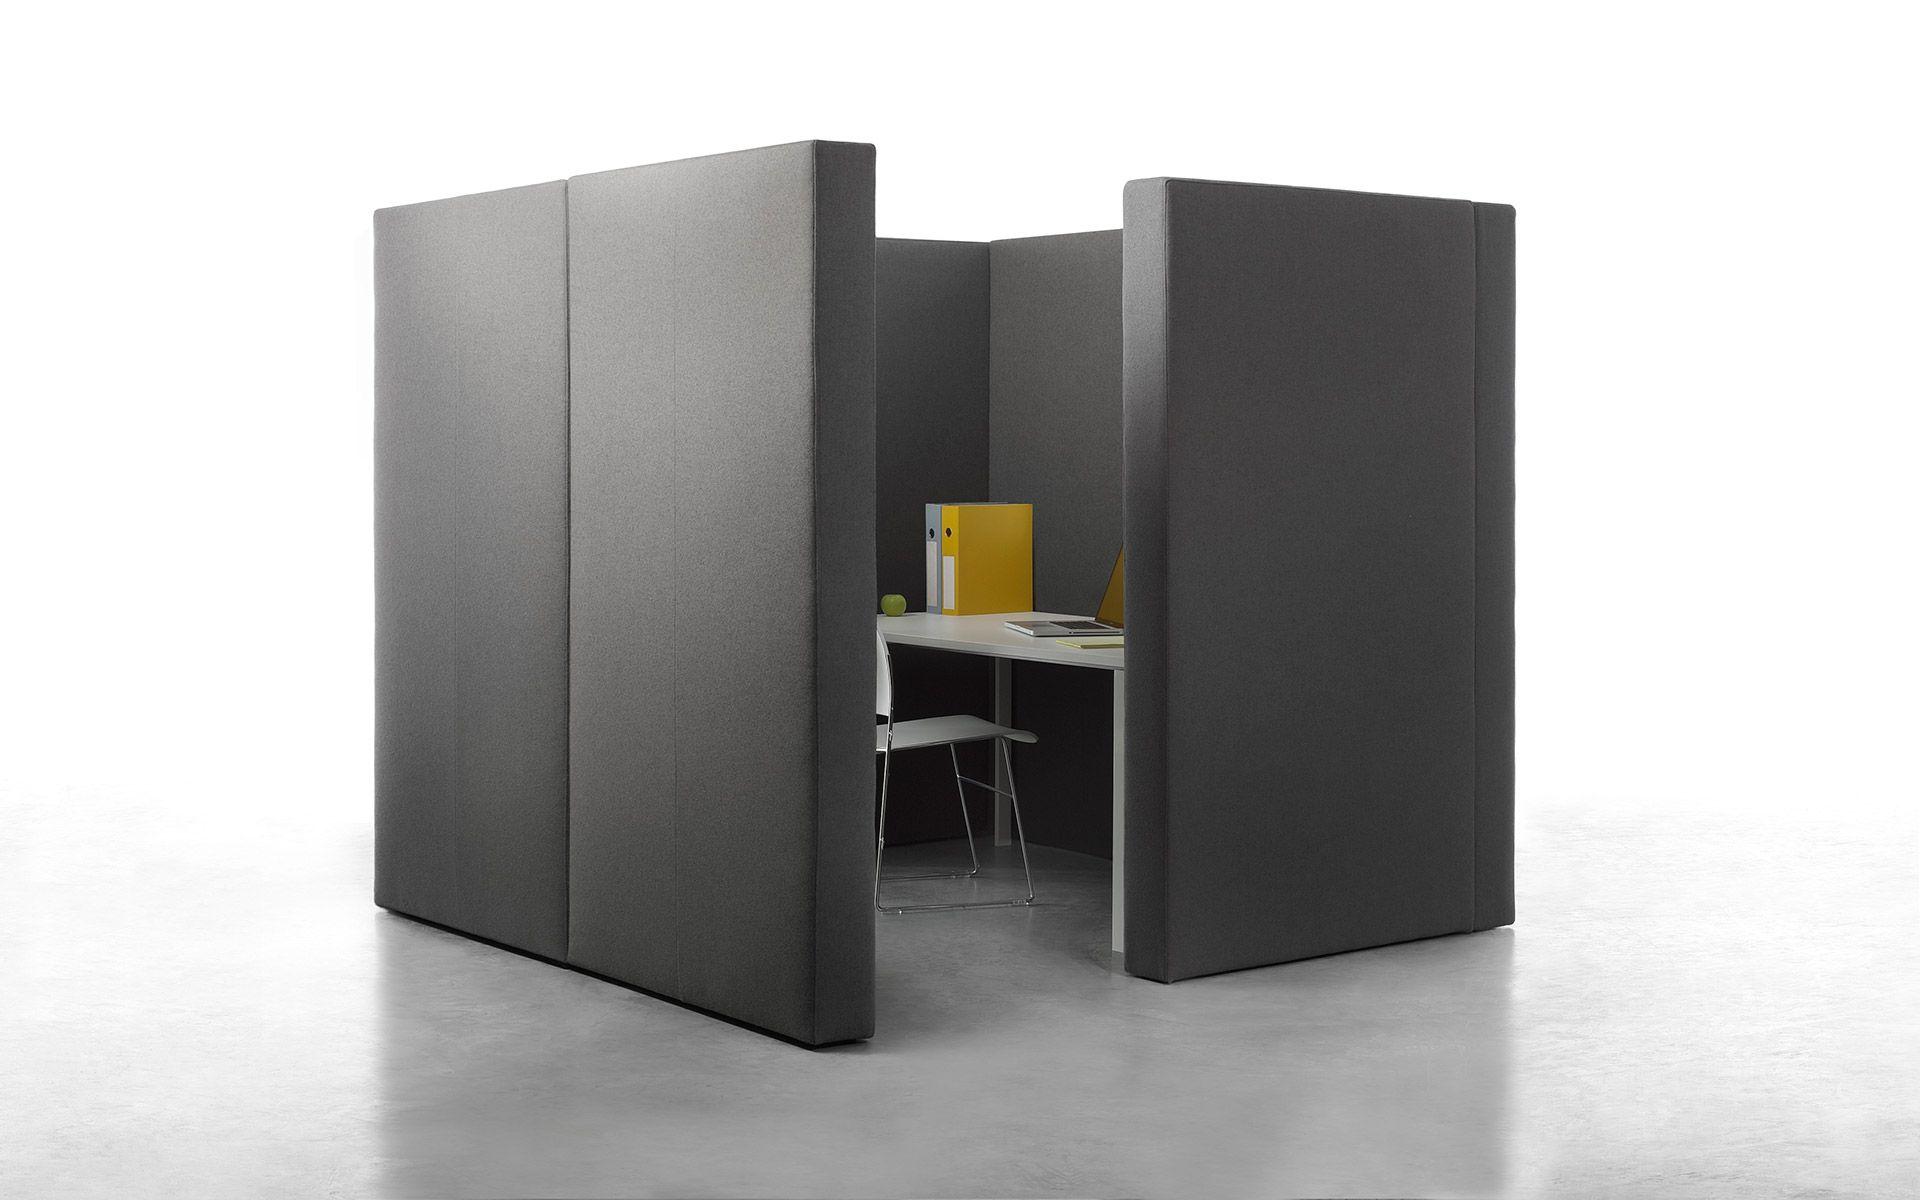 panneau de s paration acoustique modulable pour espace de. Black Bedroom Furniture Sets. Home Design Ideas